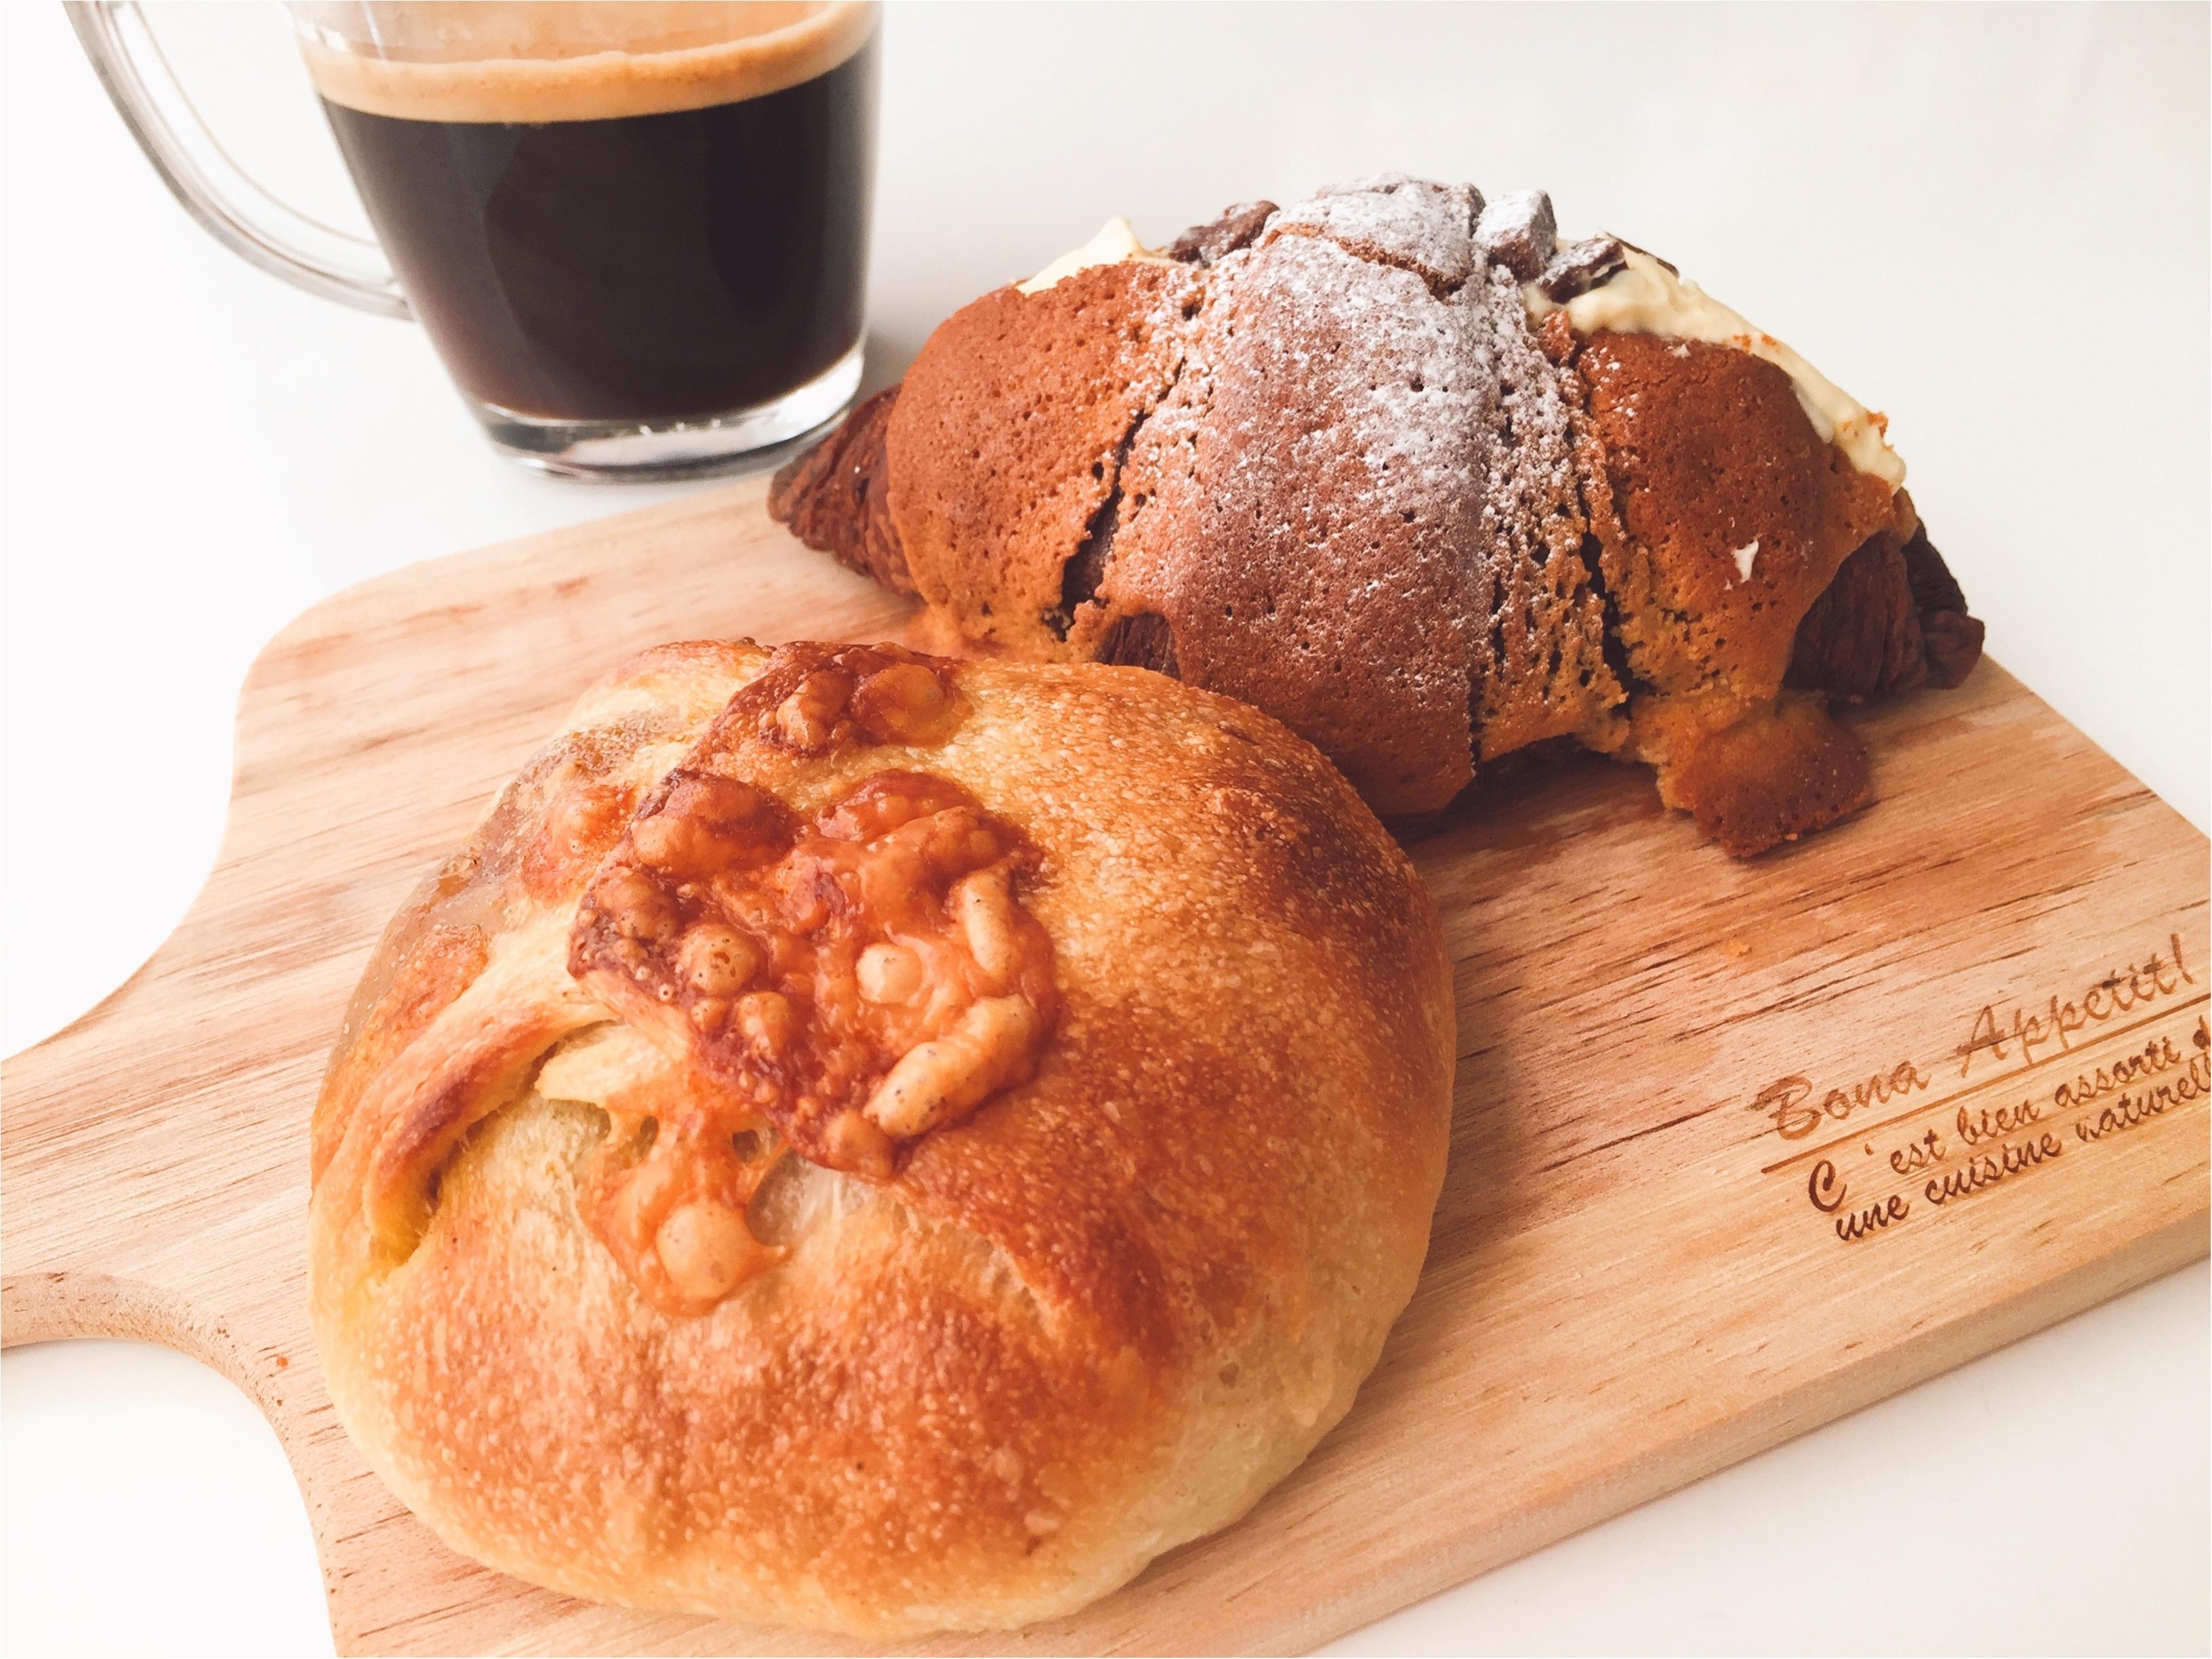 東京の美味しいパン屋巡り〜焼きチーズカレーパンと言えば?〜_3